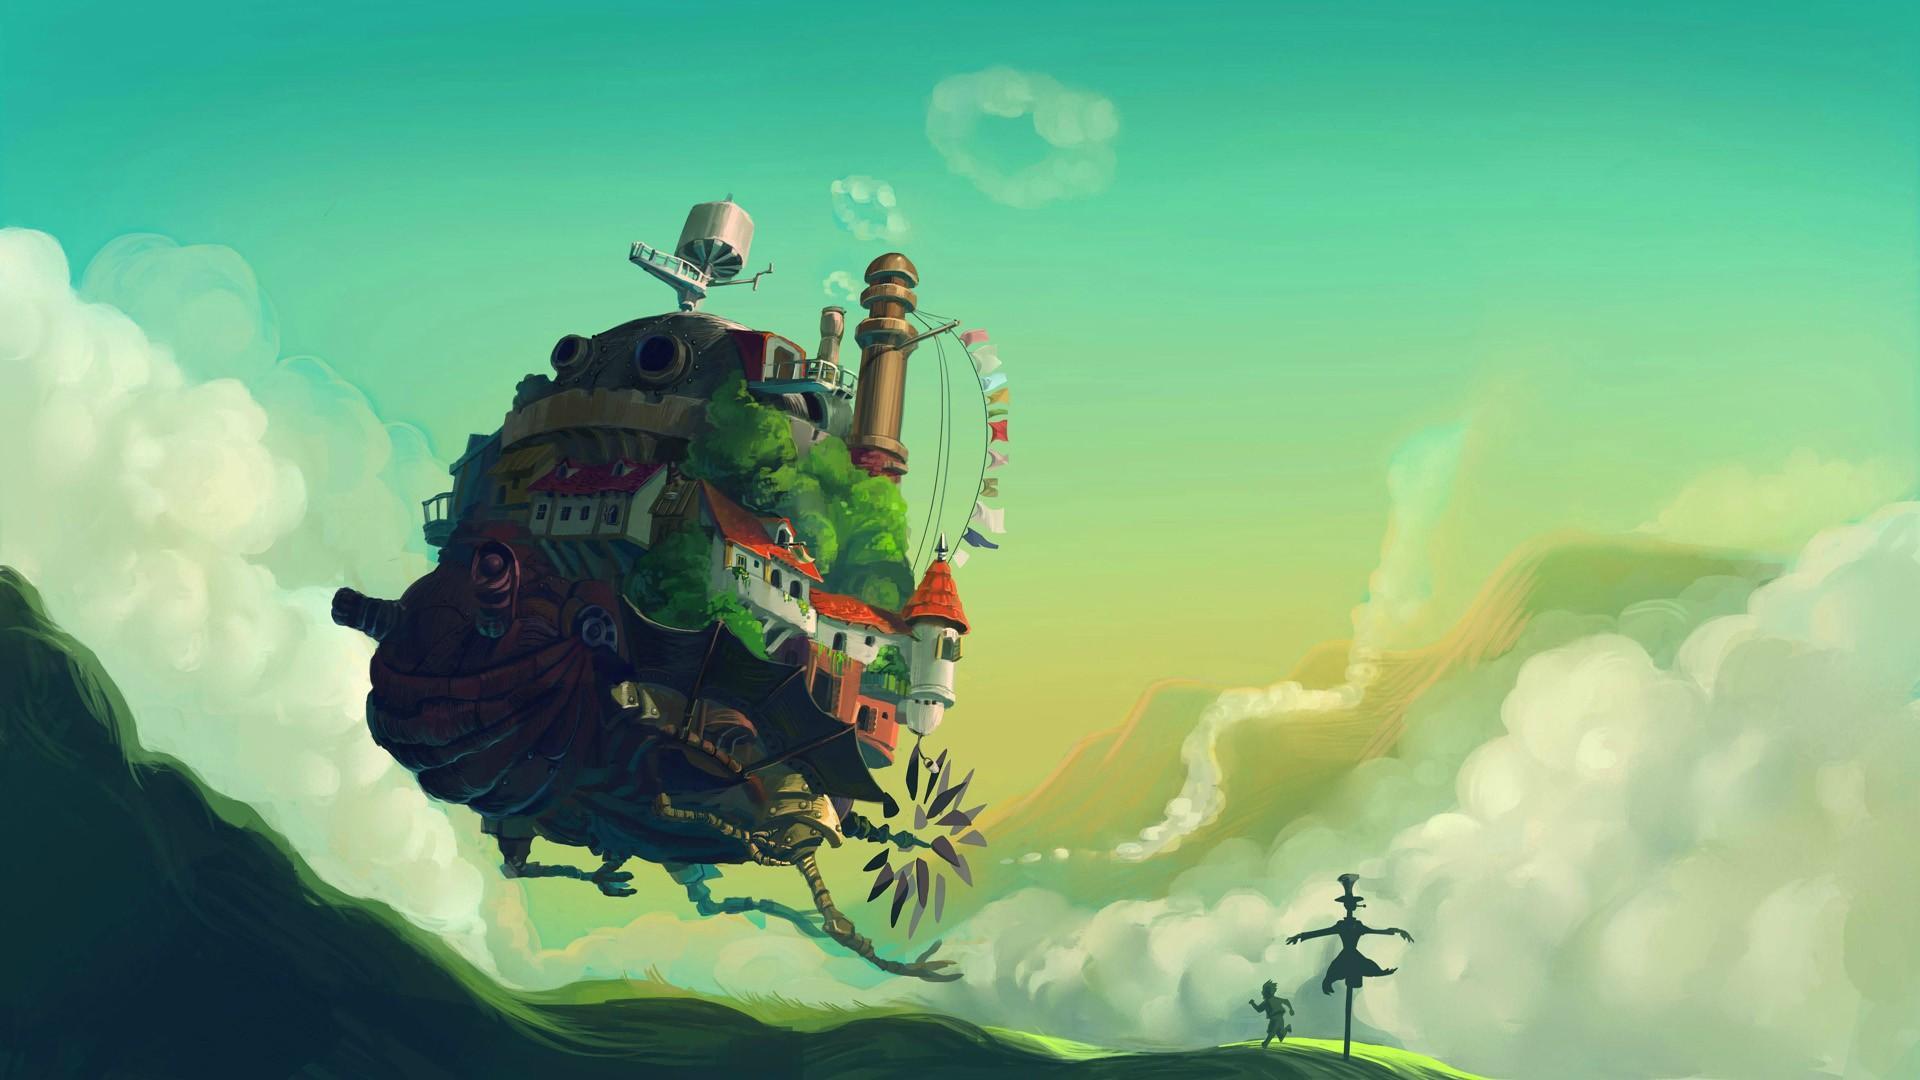 宫崎骏作品 哈尔的移动城堡 影视原画壁纸鉴赏 搜优图片网图片